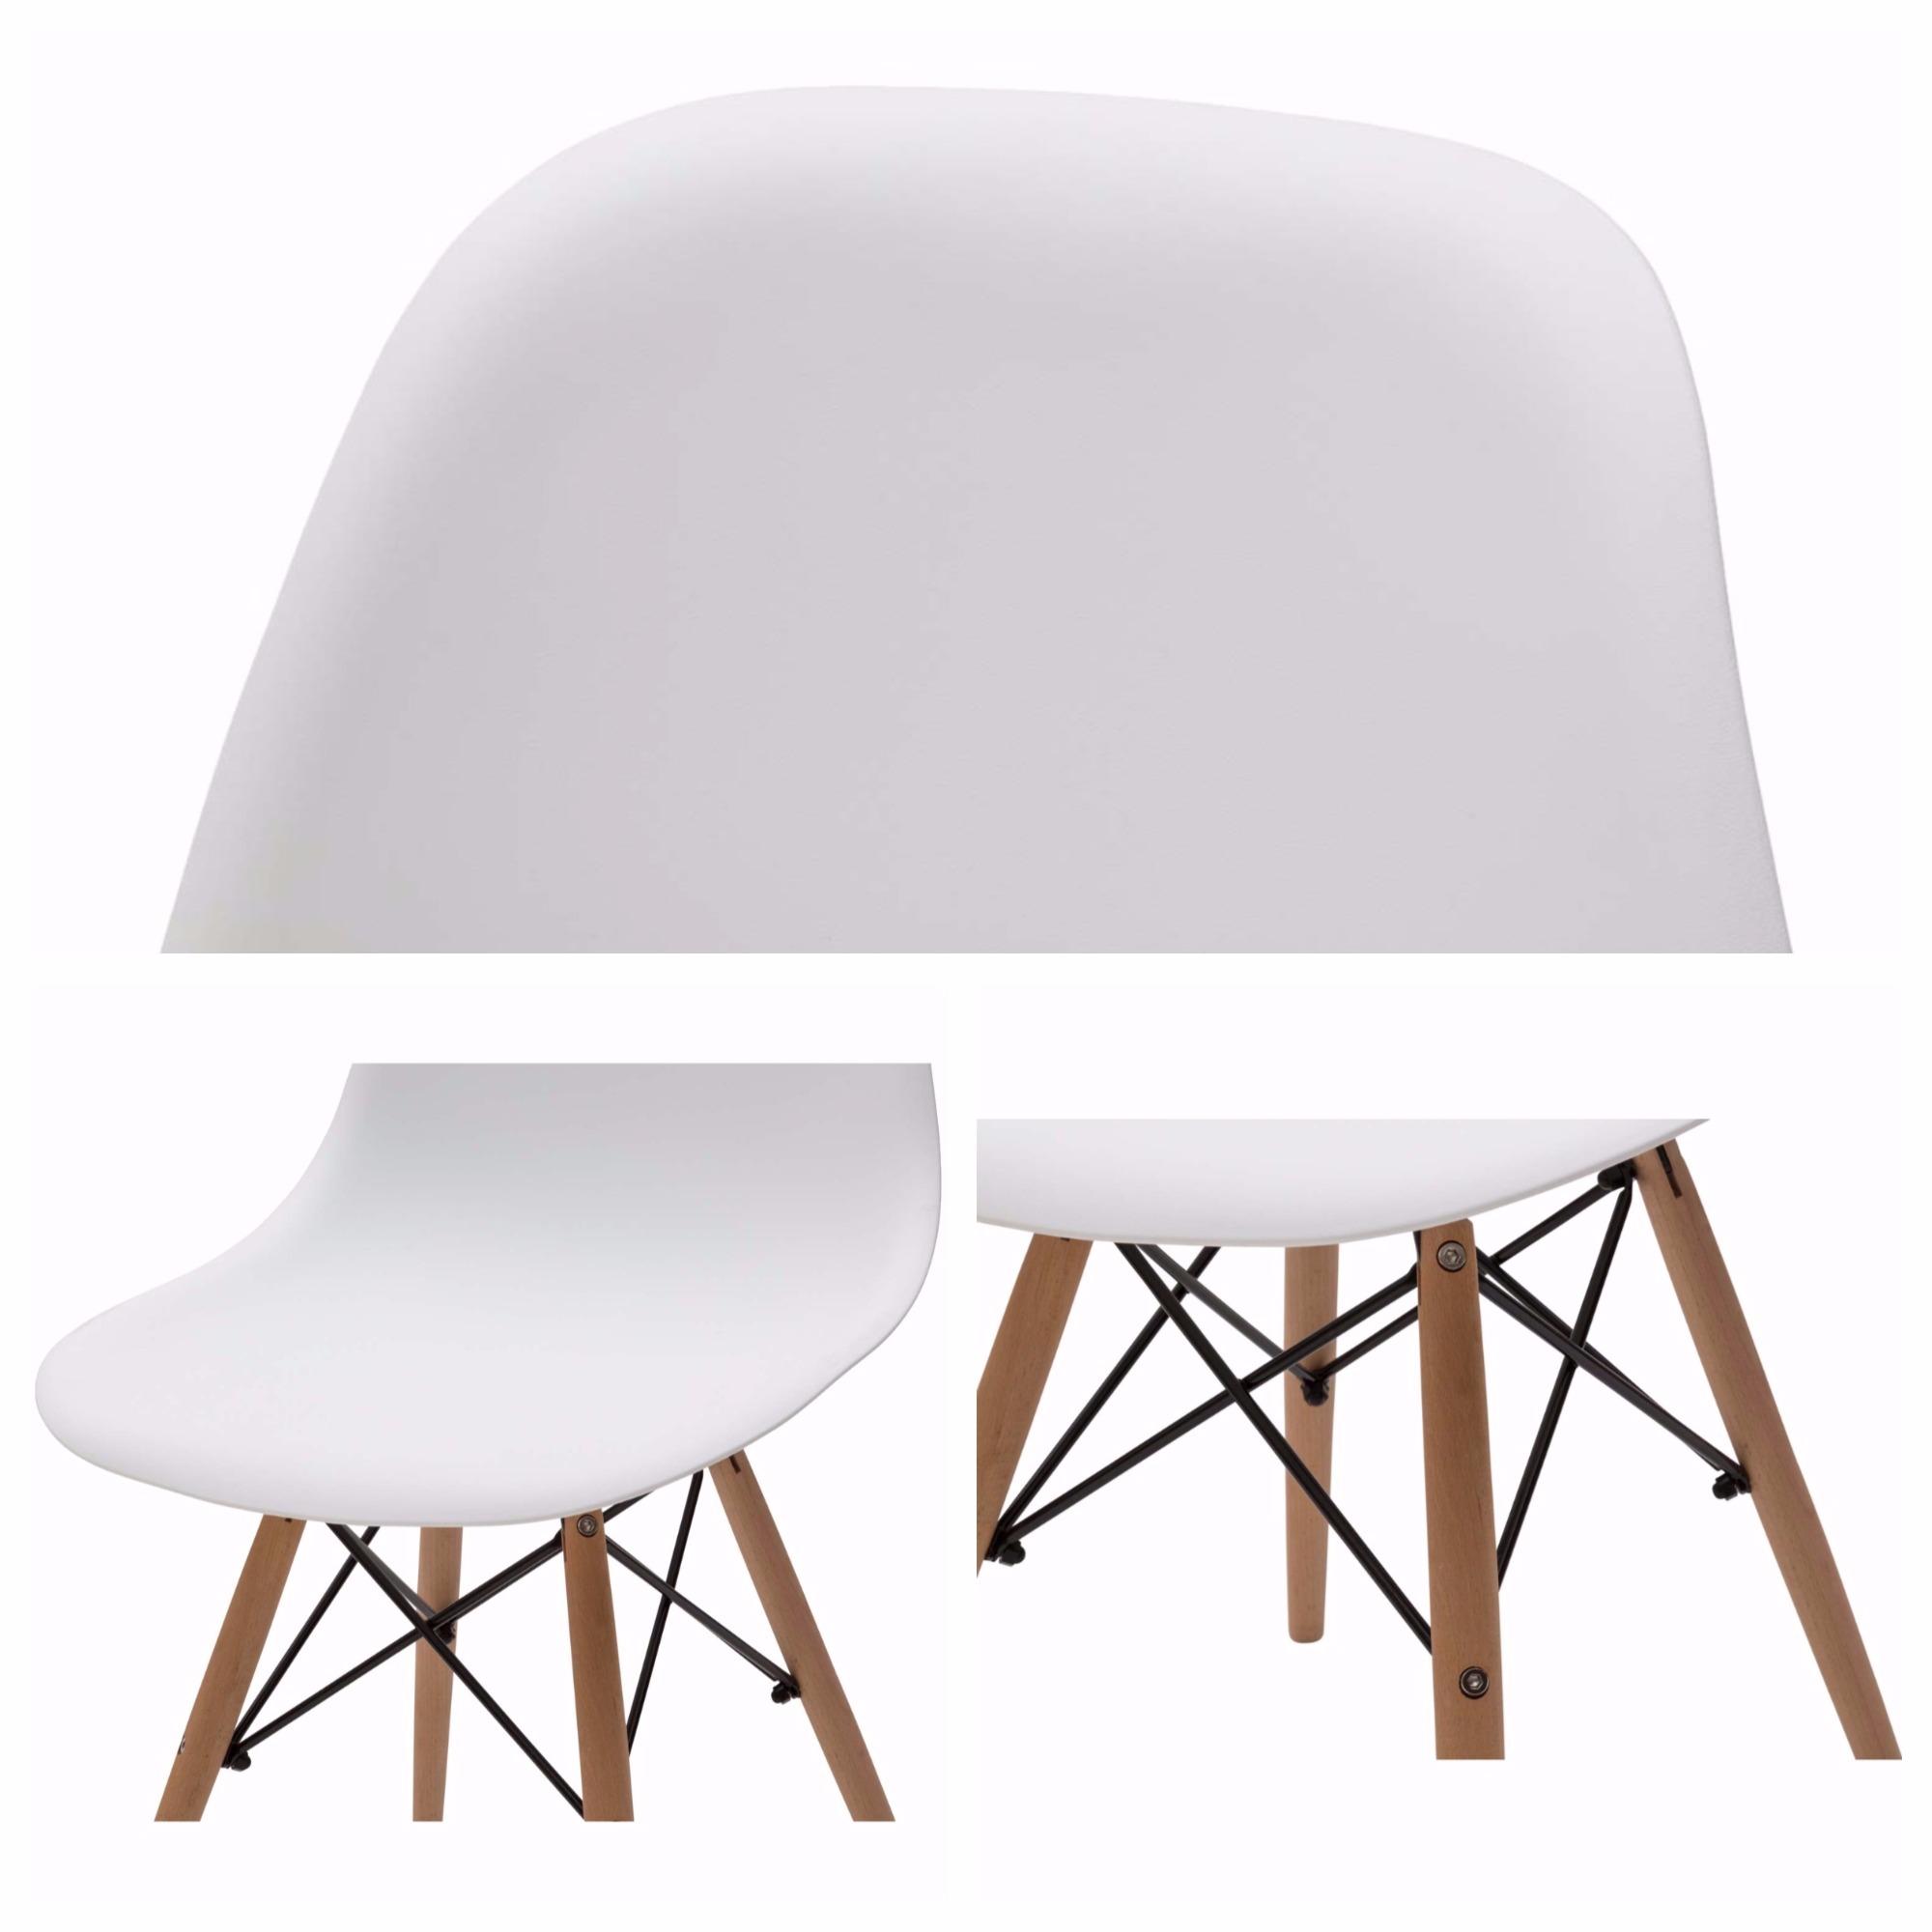 Sedia Wooden Design Moderno in Plastica Bianca Gambe in Legno SPEDIZIONE GRATIS  eBay